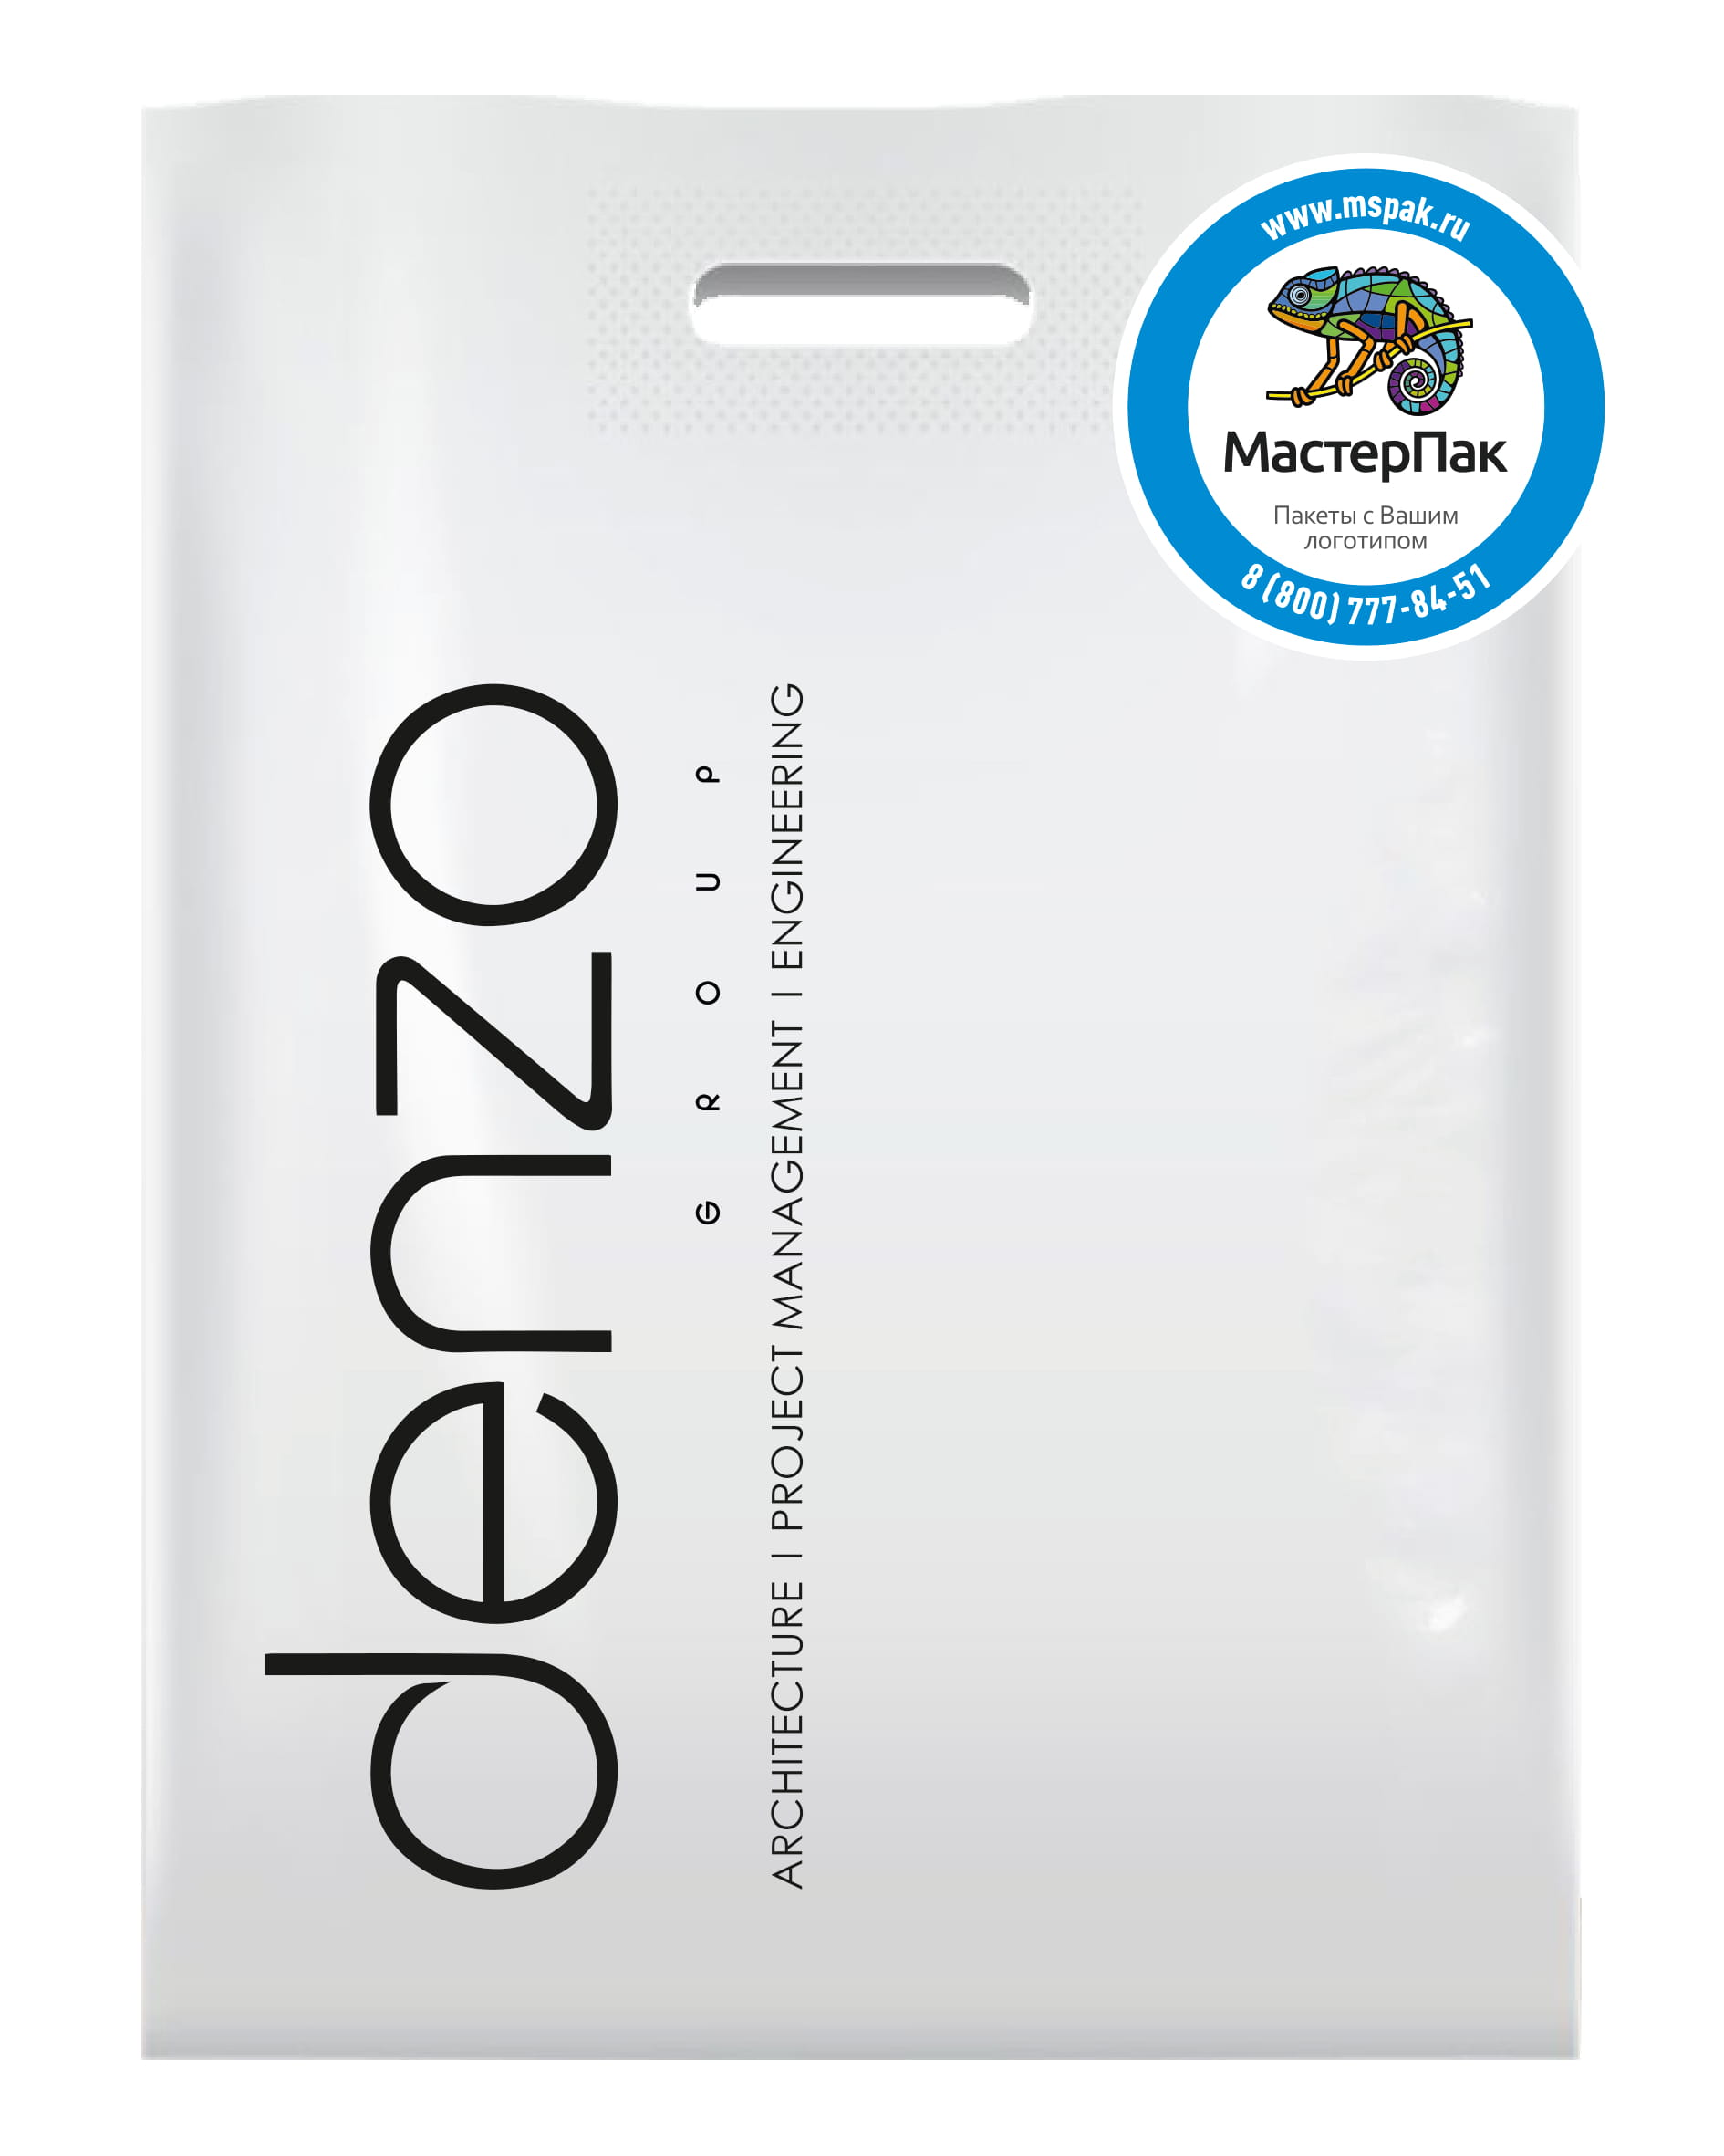 Пакет ПВД с логотипом Denzo, вырубная ручка, 70 мкм, 30*40, белый, Санкт-Петербург